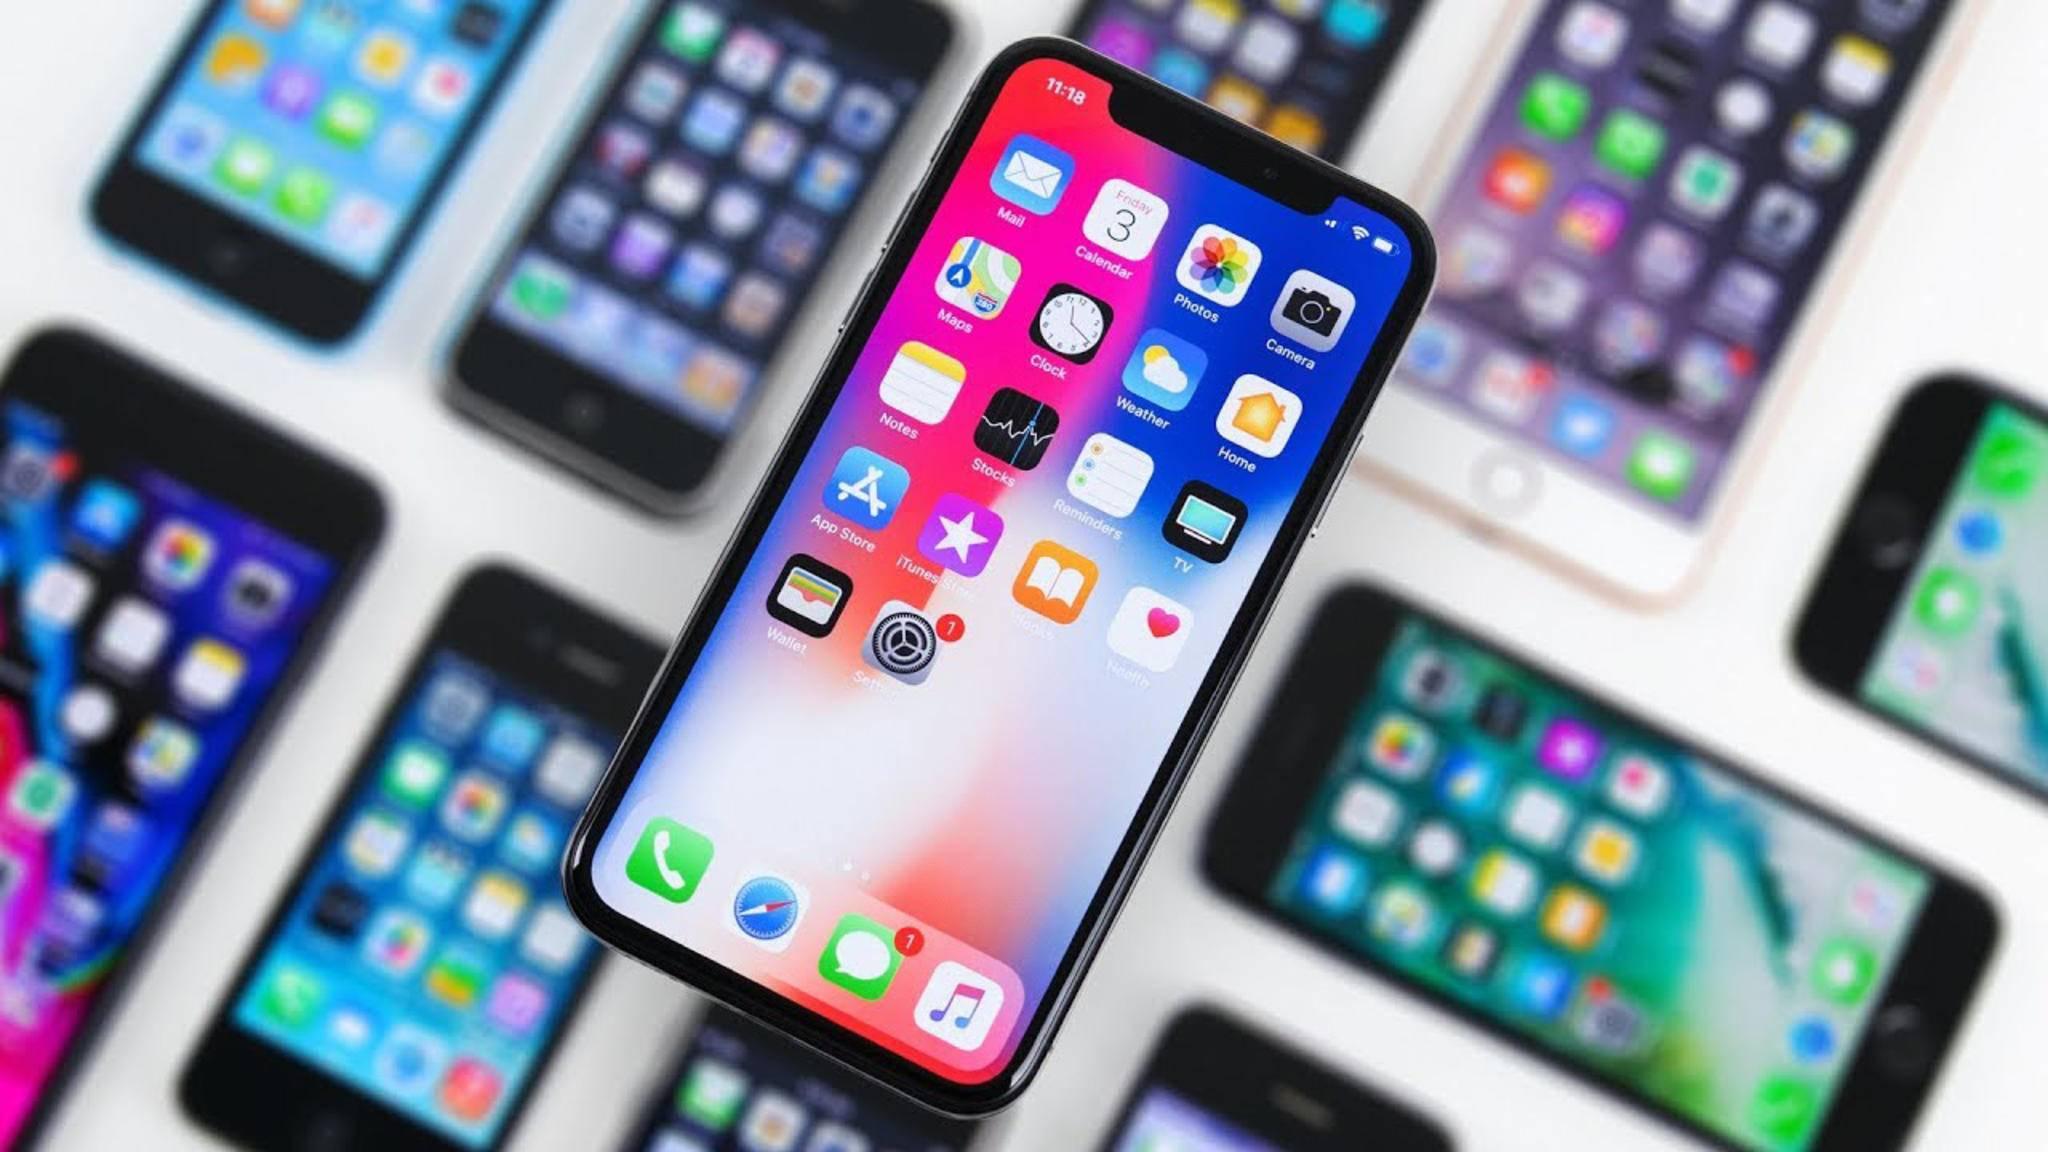 Wir verraten Dir, wie Du iPhone-Fotos löschst, ohne sie auch aus iCloud zu entfernen.